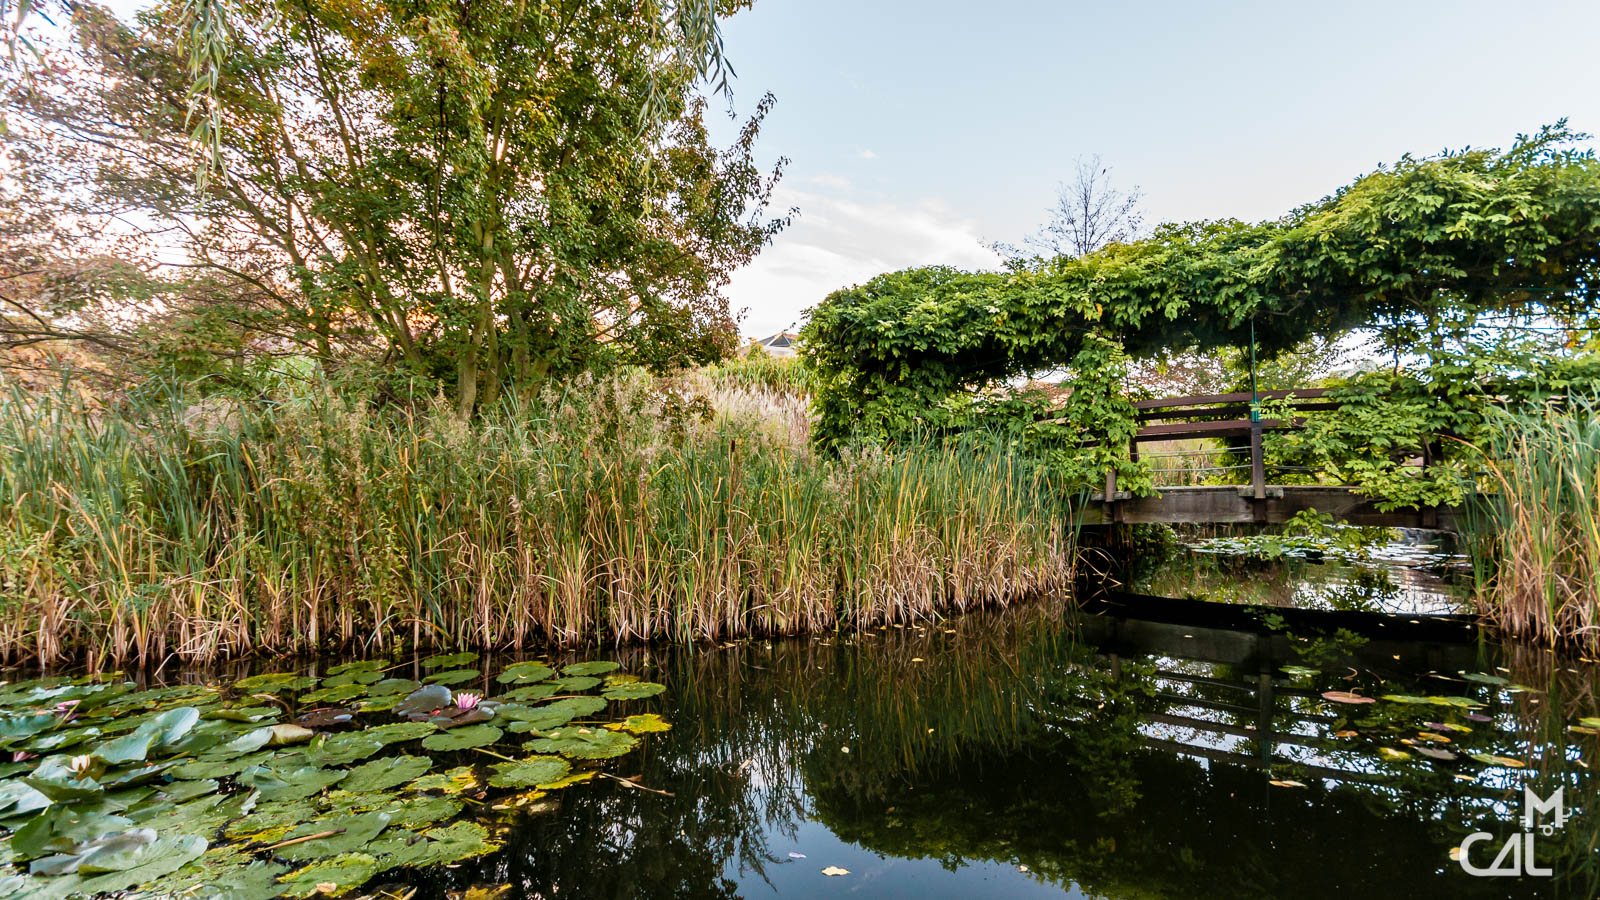 parc des impressionnistes petit pont de bois sur le jardin d eau mon chat aime la photo. Black Bedroom Furniture Sets. Home Design Ideas